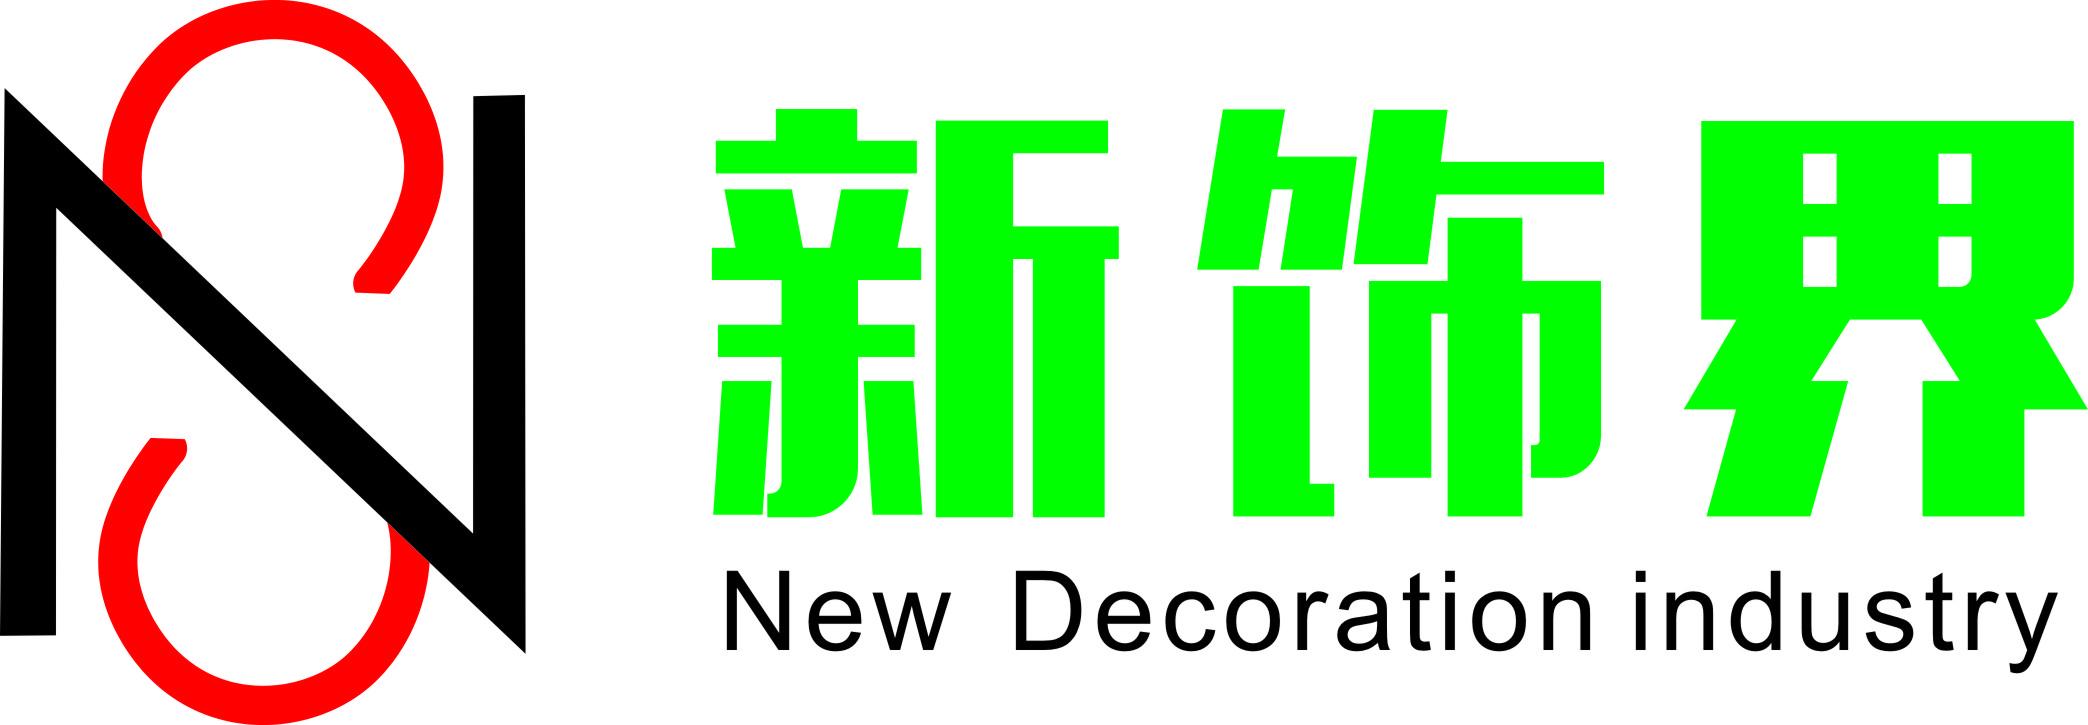 嘉兴居联新饰界装饰设计工程有限公司